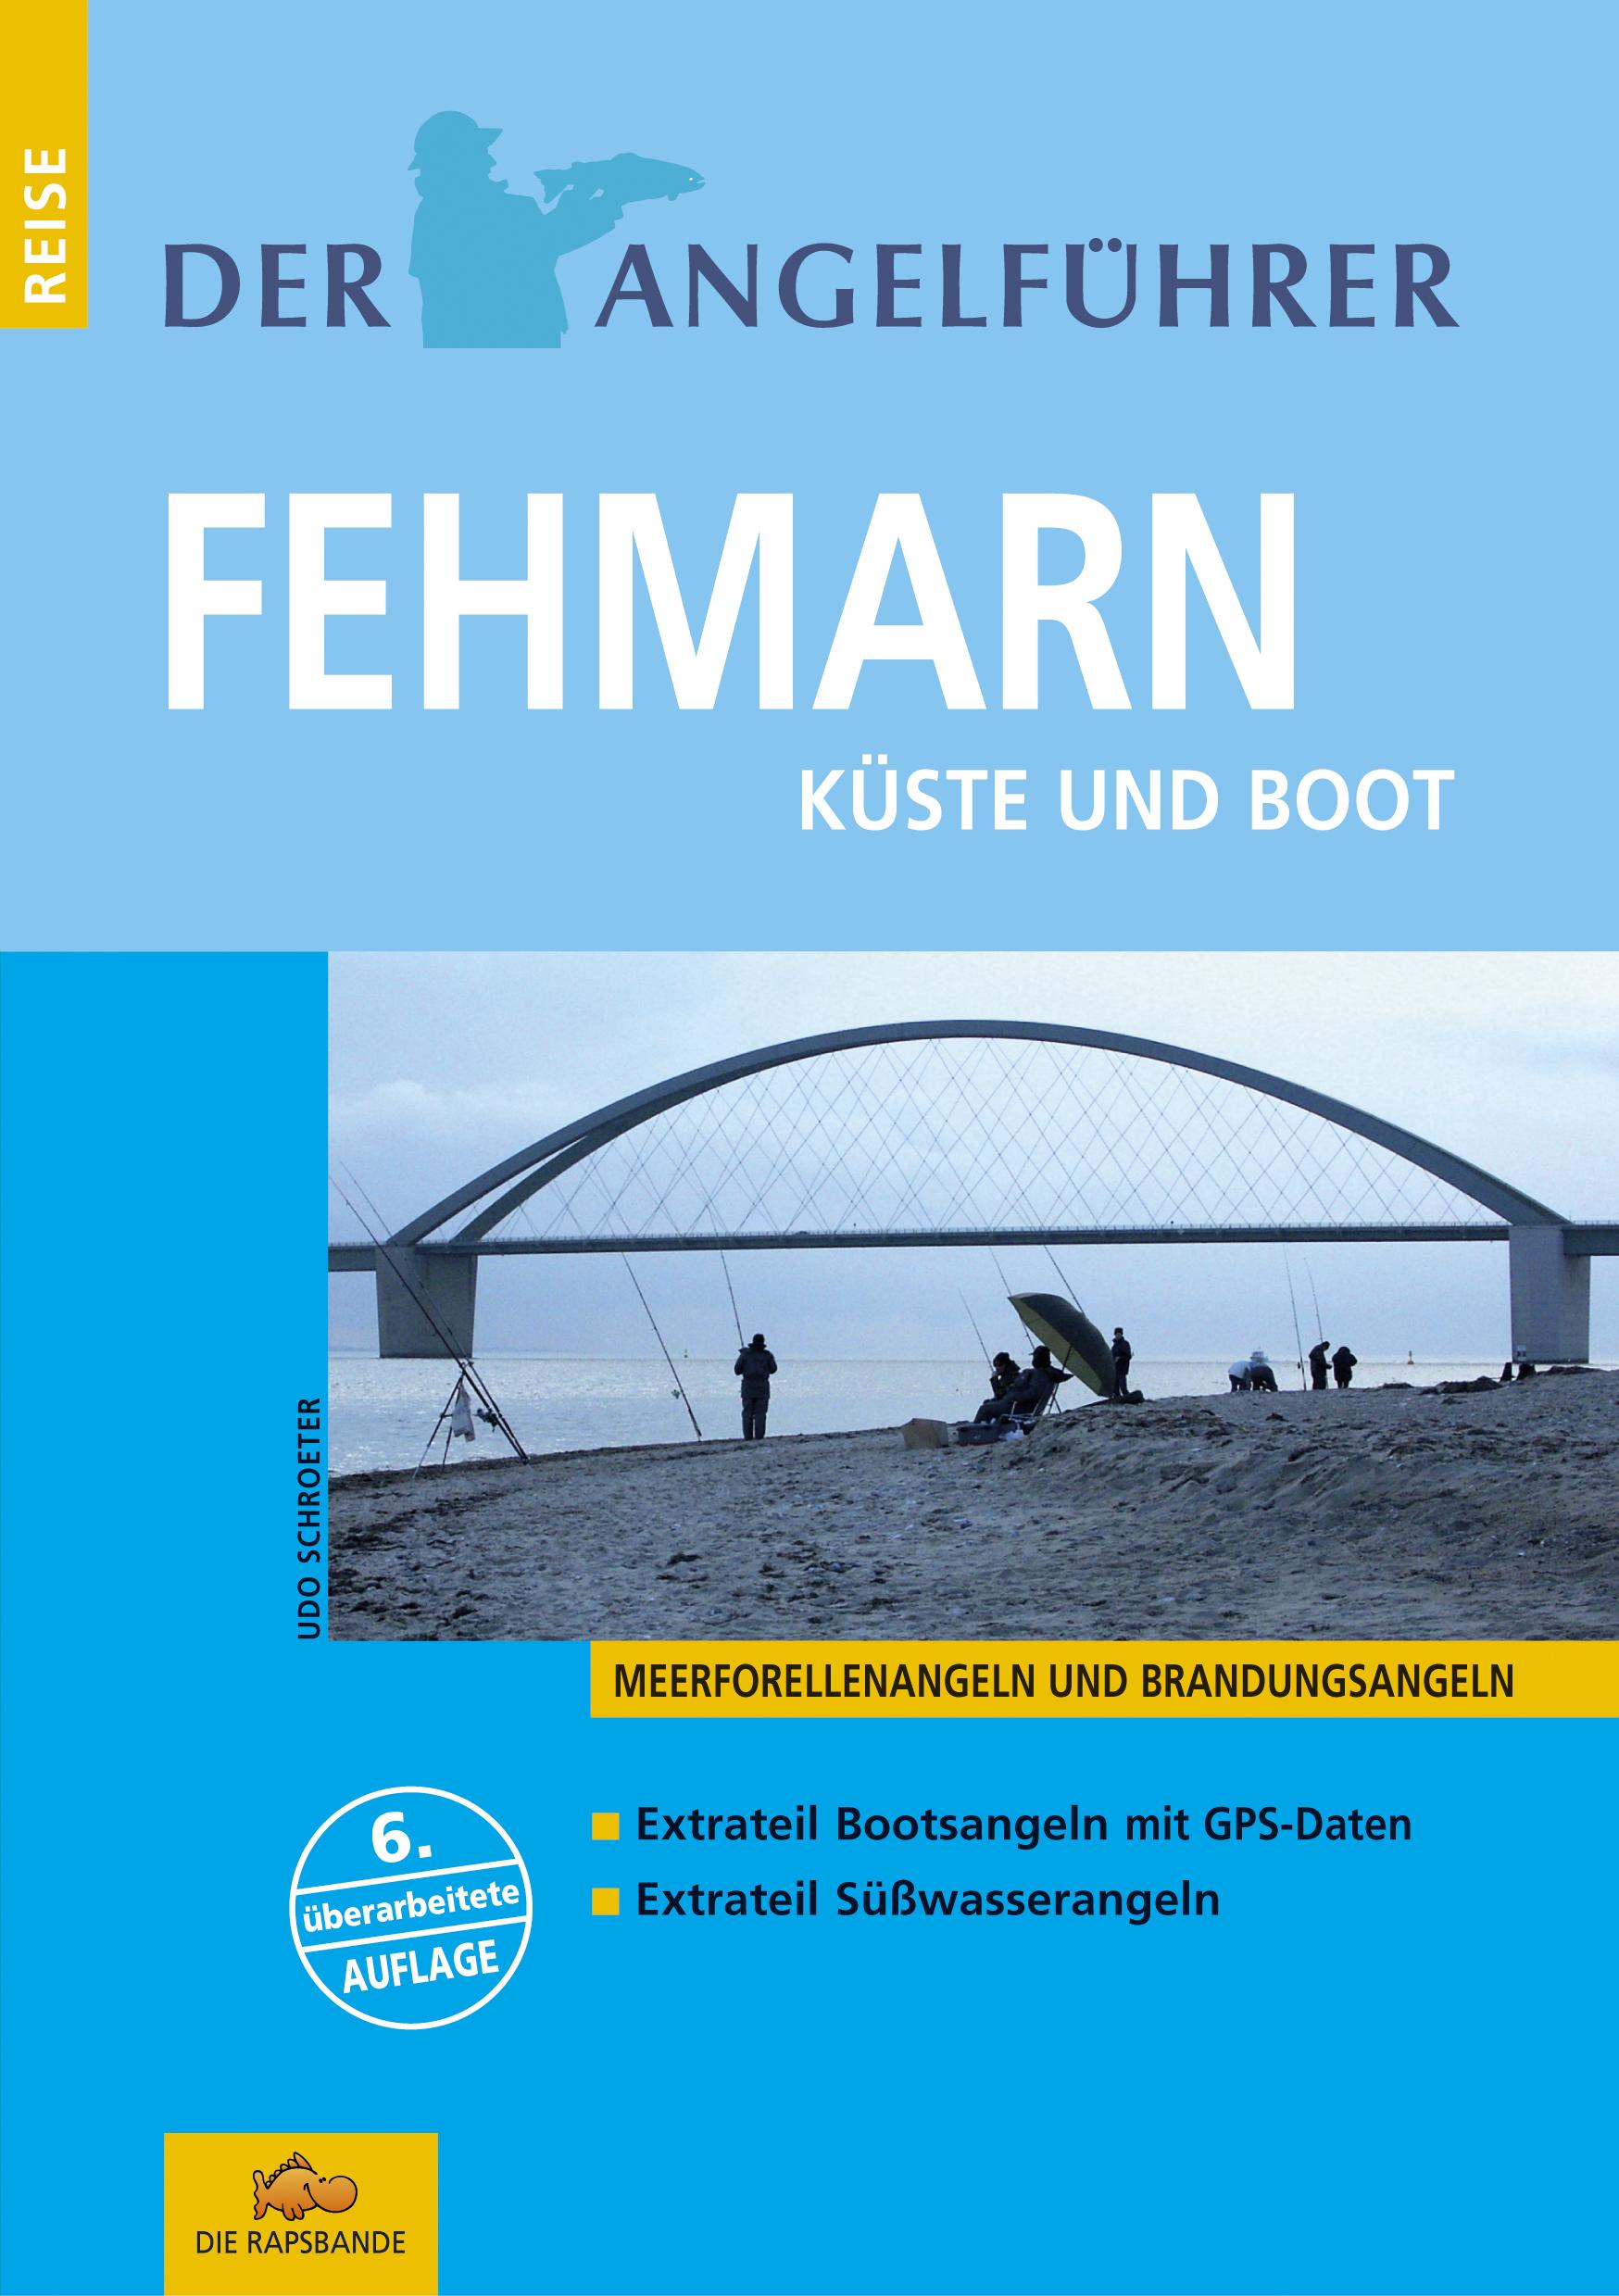 Der Angelführer Fehmarn: Meerforellenangeln und...